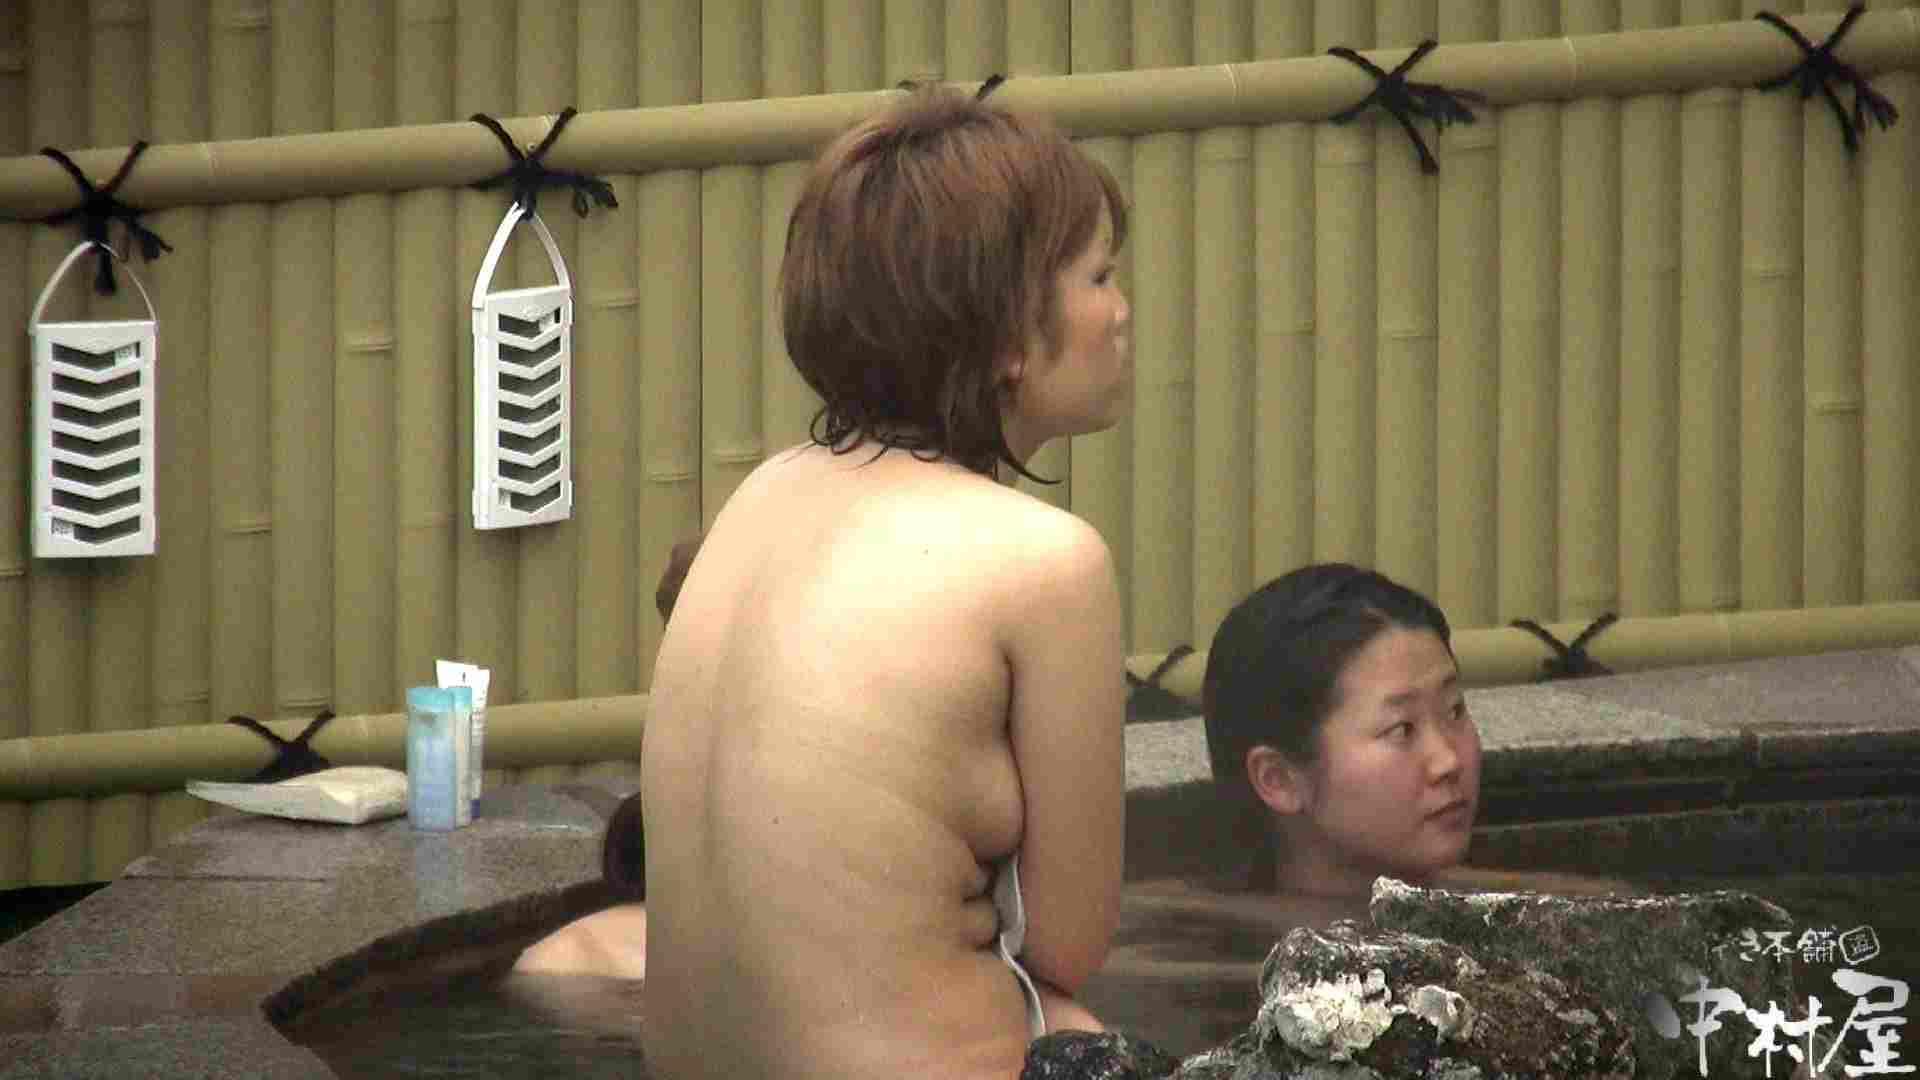 Aquaな露天風呂Vol.918 盗撮師作品 | 美しいOLの裸体  75pic 43